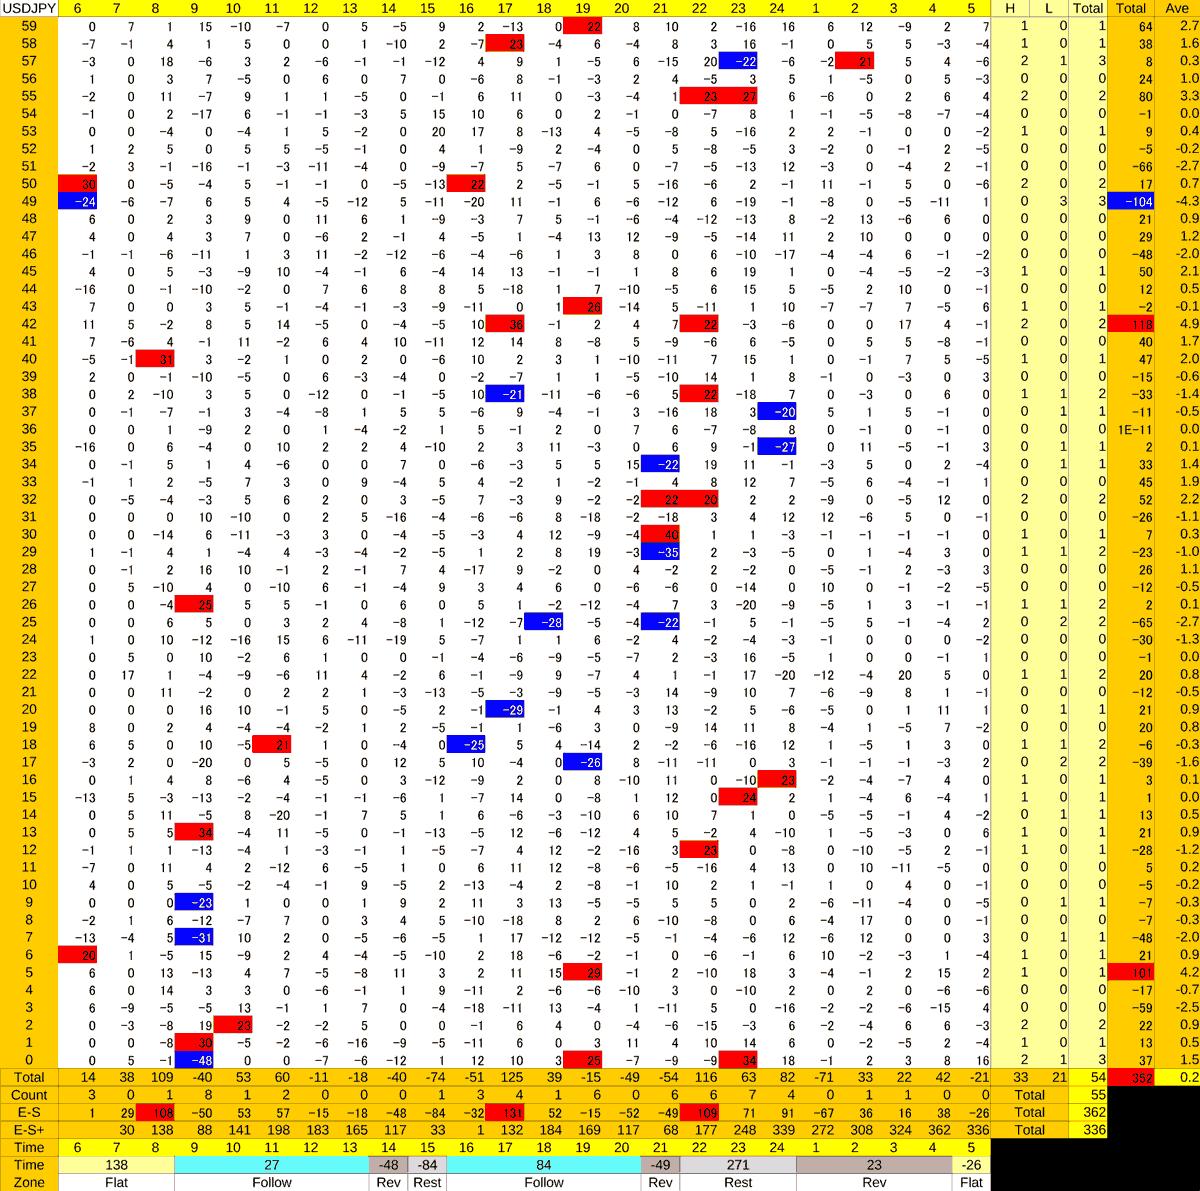 20201022_HS(1)USDJPY